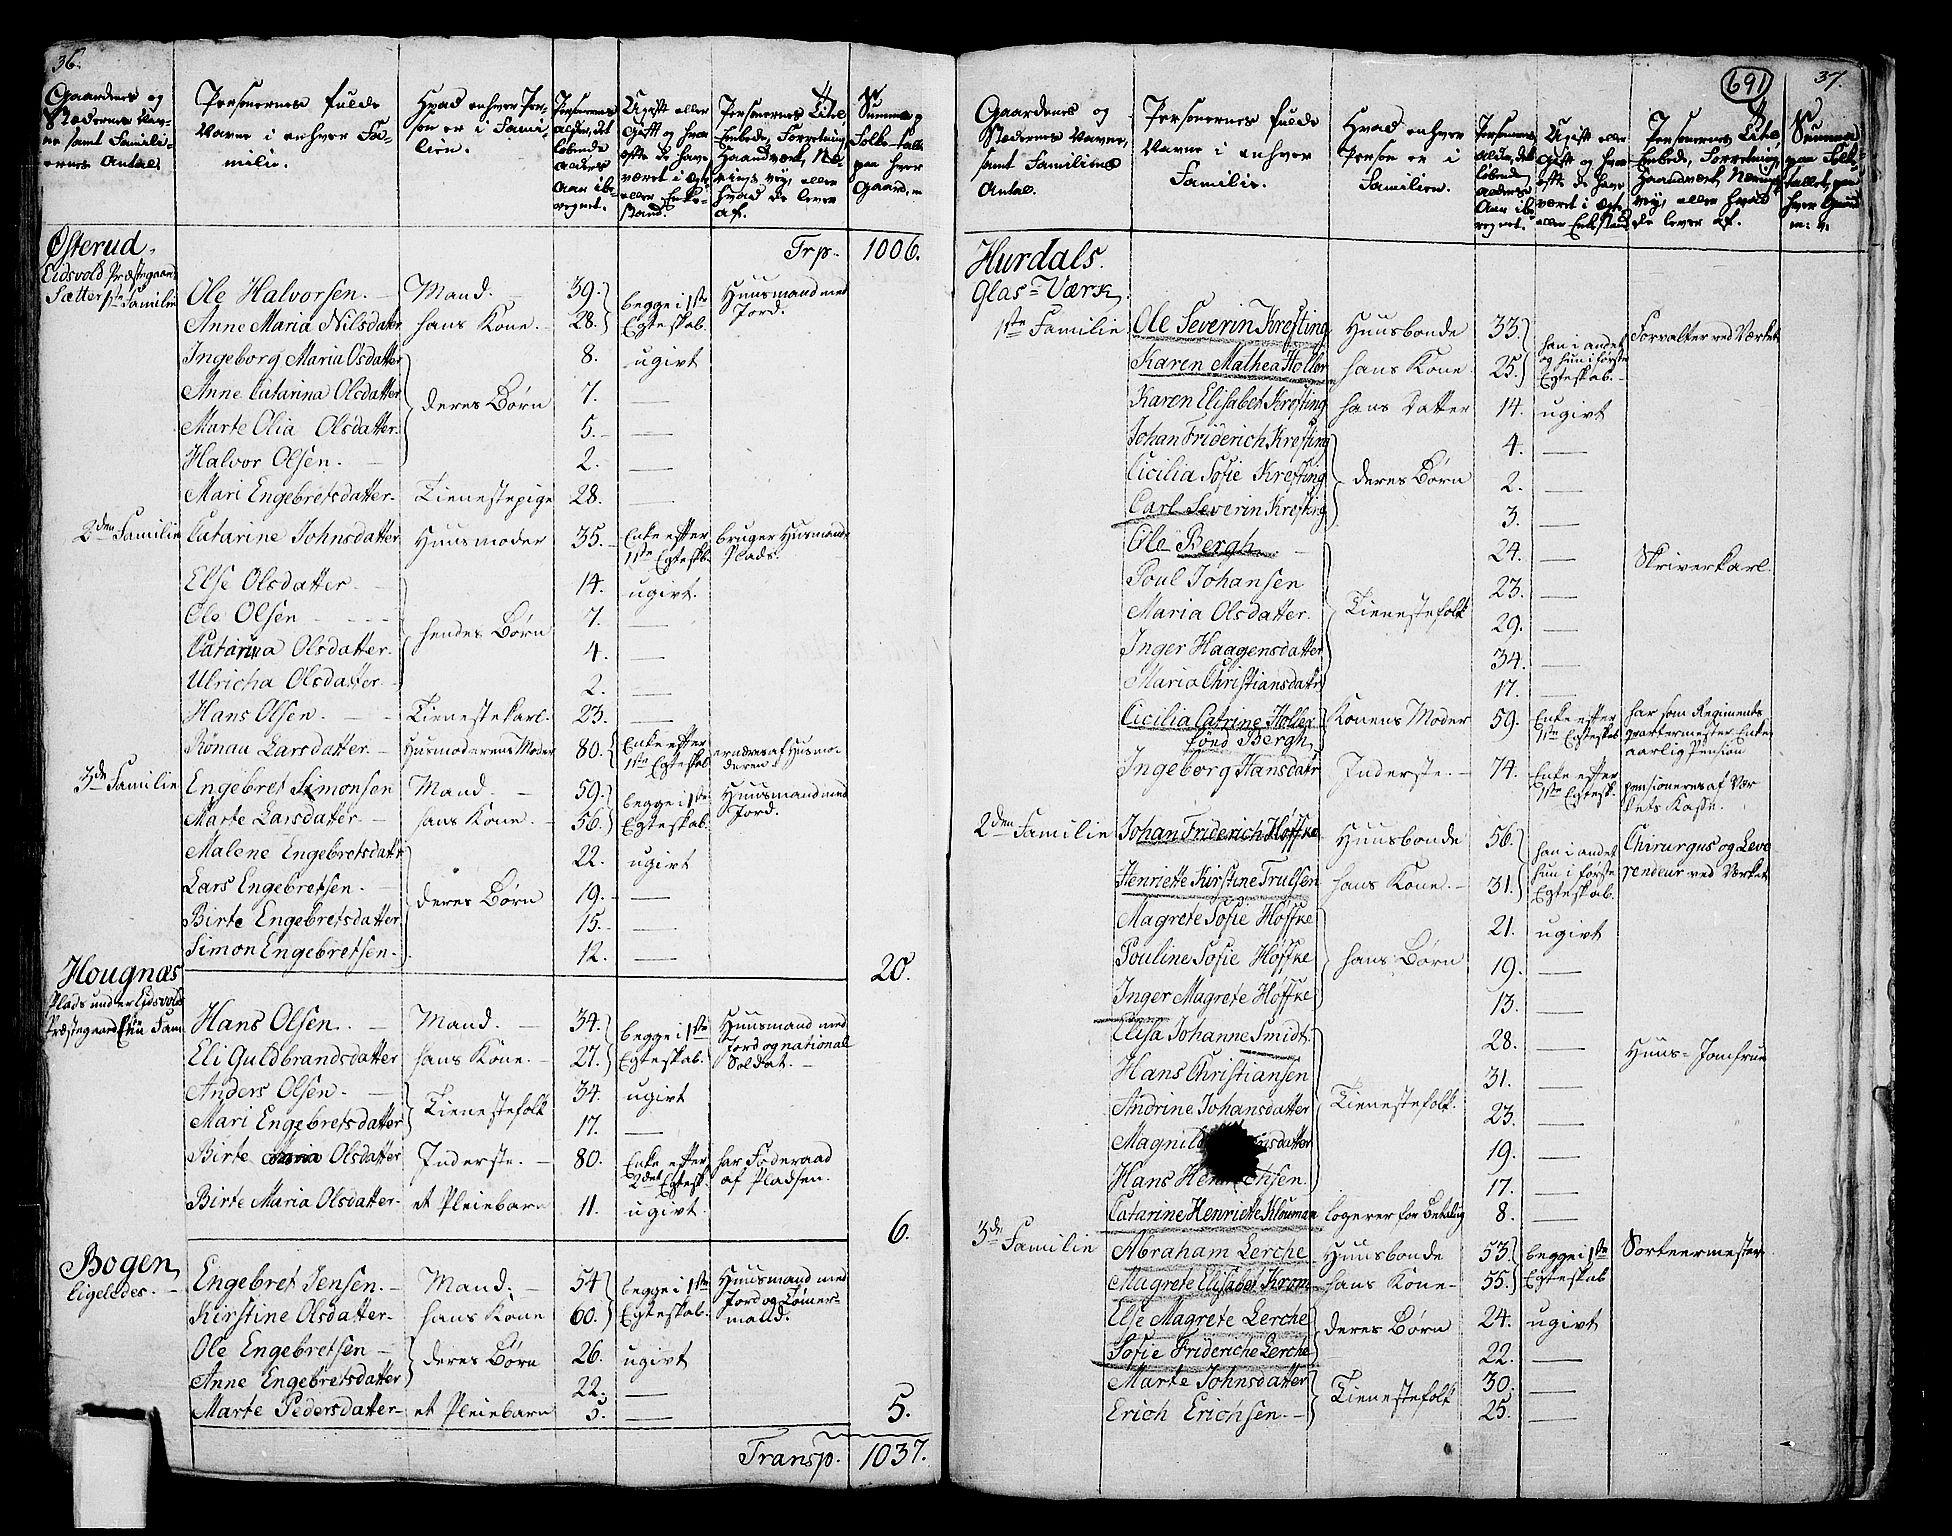 RA, Folketelling 1801 for 0239P Hurdal prestegjeld, 1801, s. 690b-691a